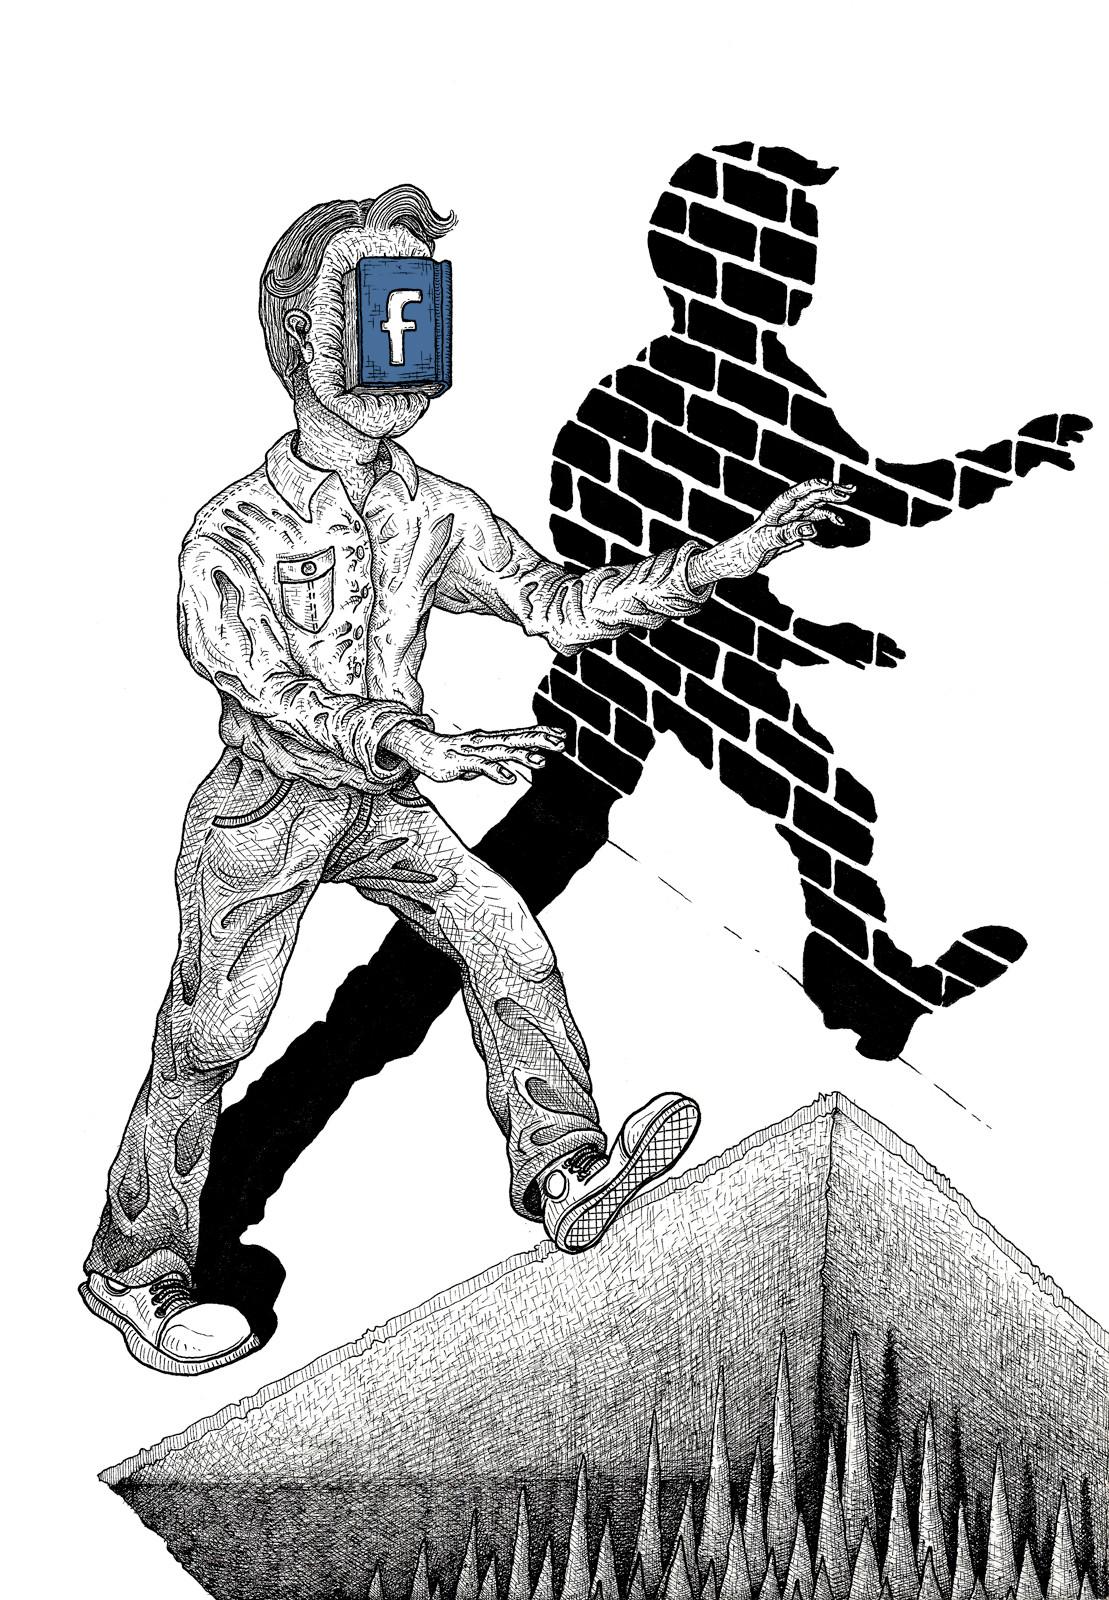 face-book-man social media martin marcin